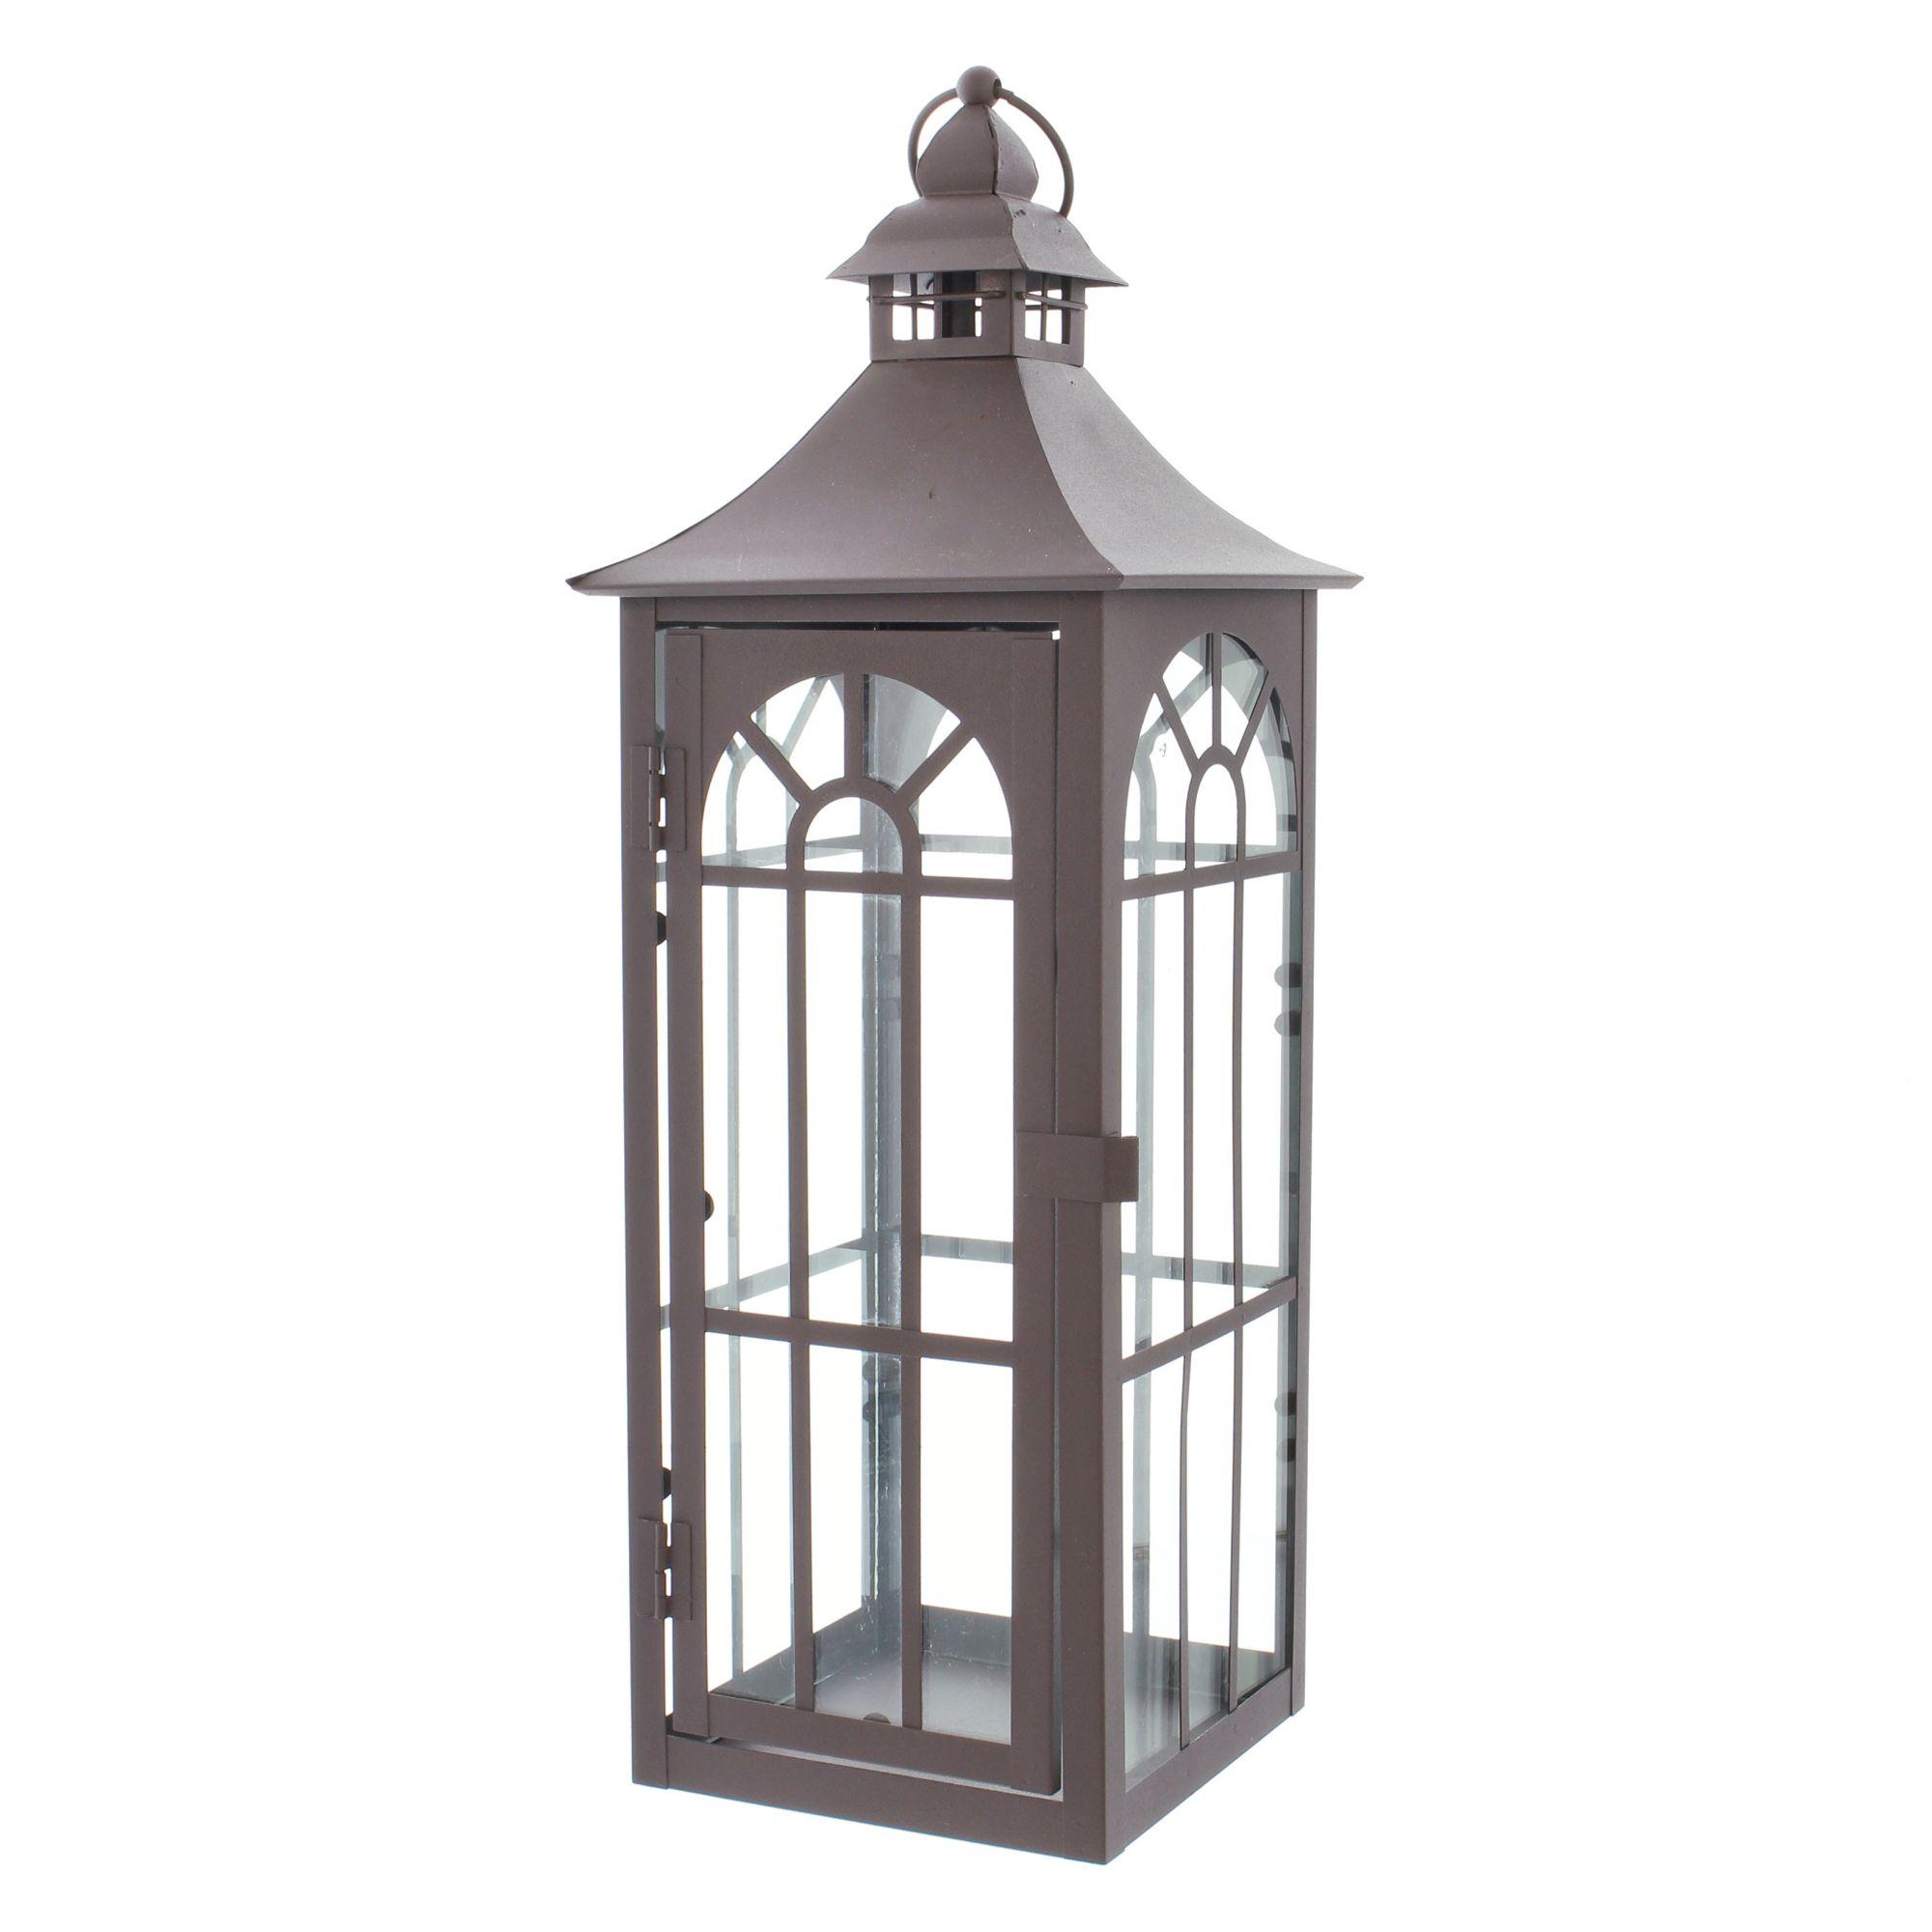 Große Metall Laterne, klassisches Design, zeitlos, Garten, Terrasse, Balkon